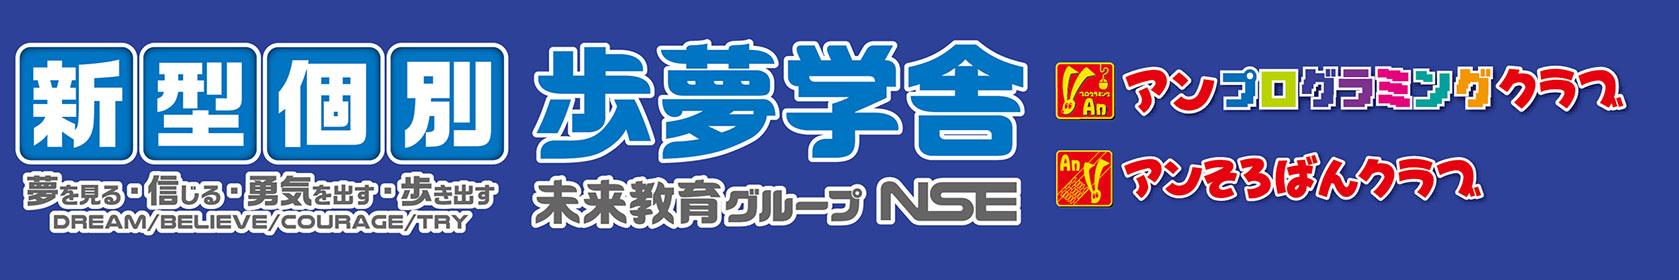 新型個別 歩夢学舎(あゆむがくしゃ)